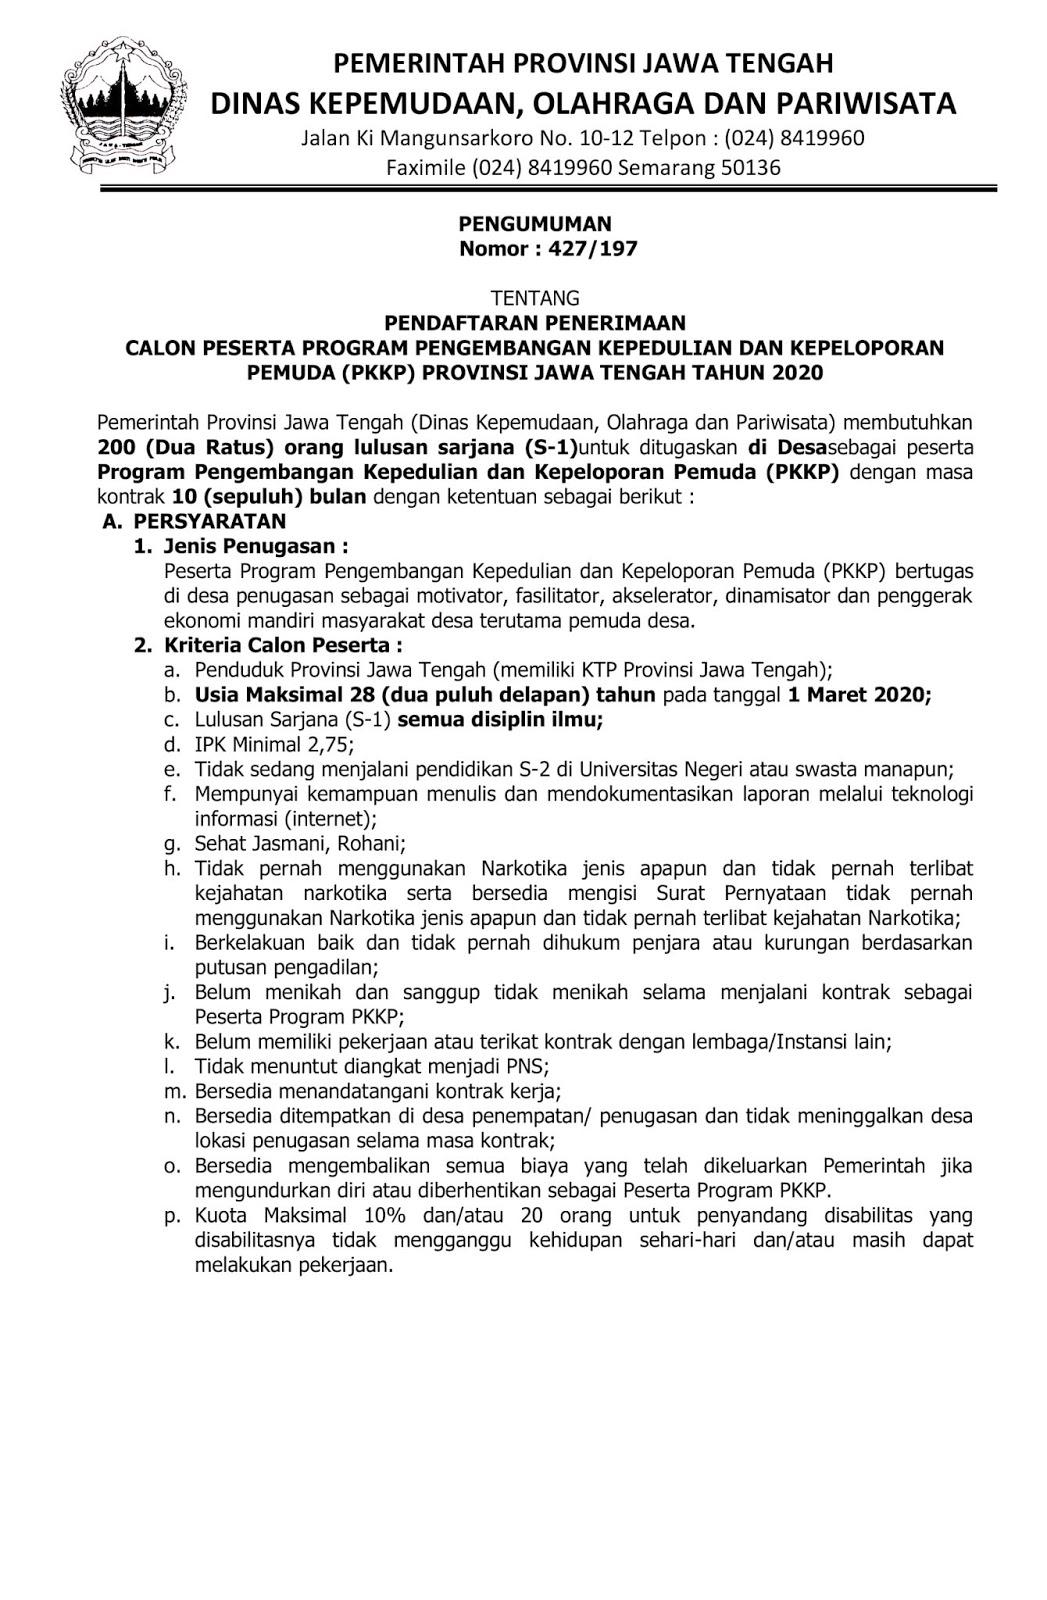 Rekrutmen Non PNS PKKP Dinas Kepemudaan, Olahraga dan Pariwisata Tahun 2020 [200 Formasi]